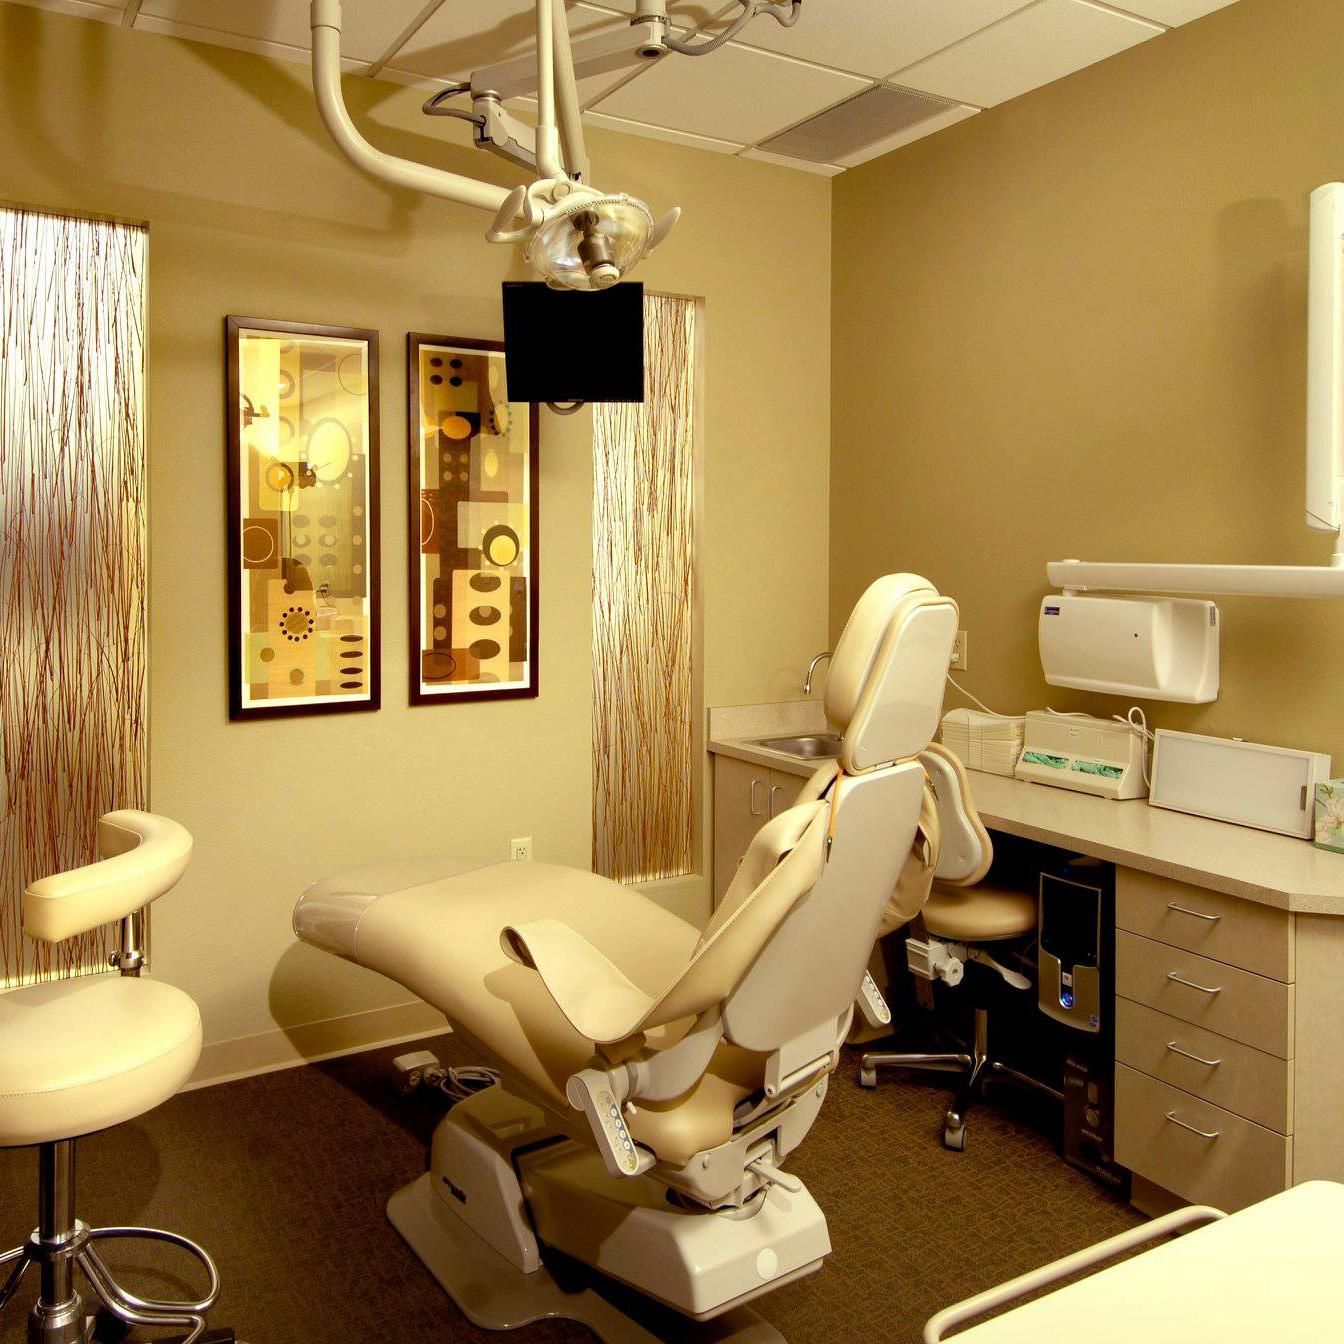 Dental clinic in Denver Co